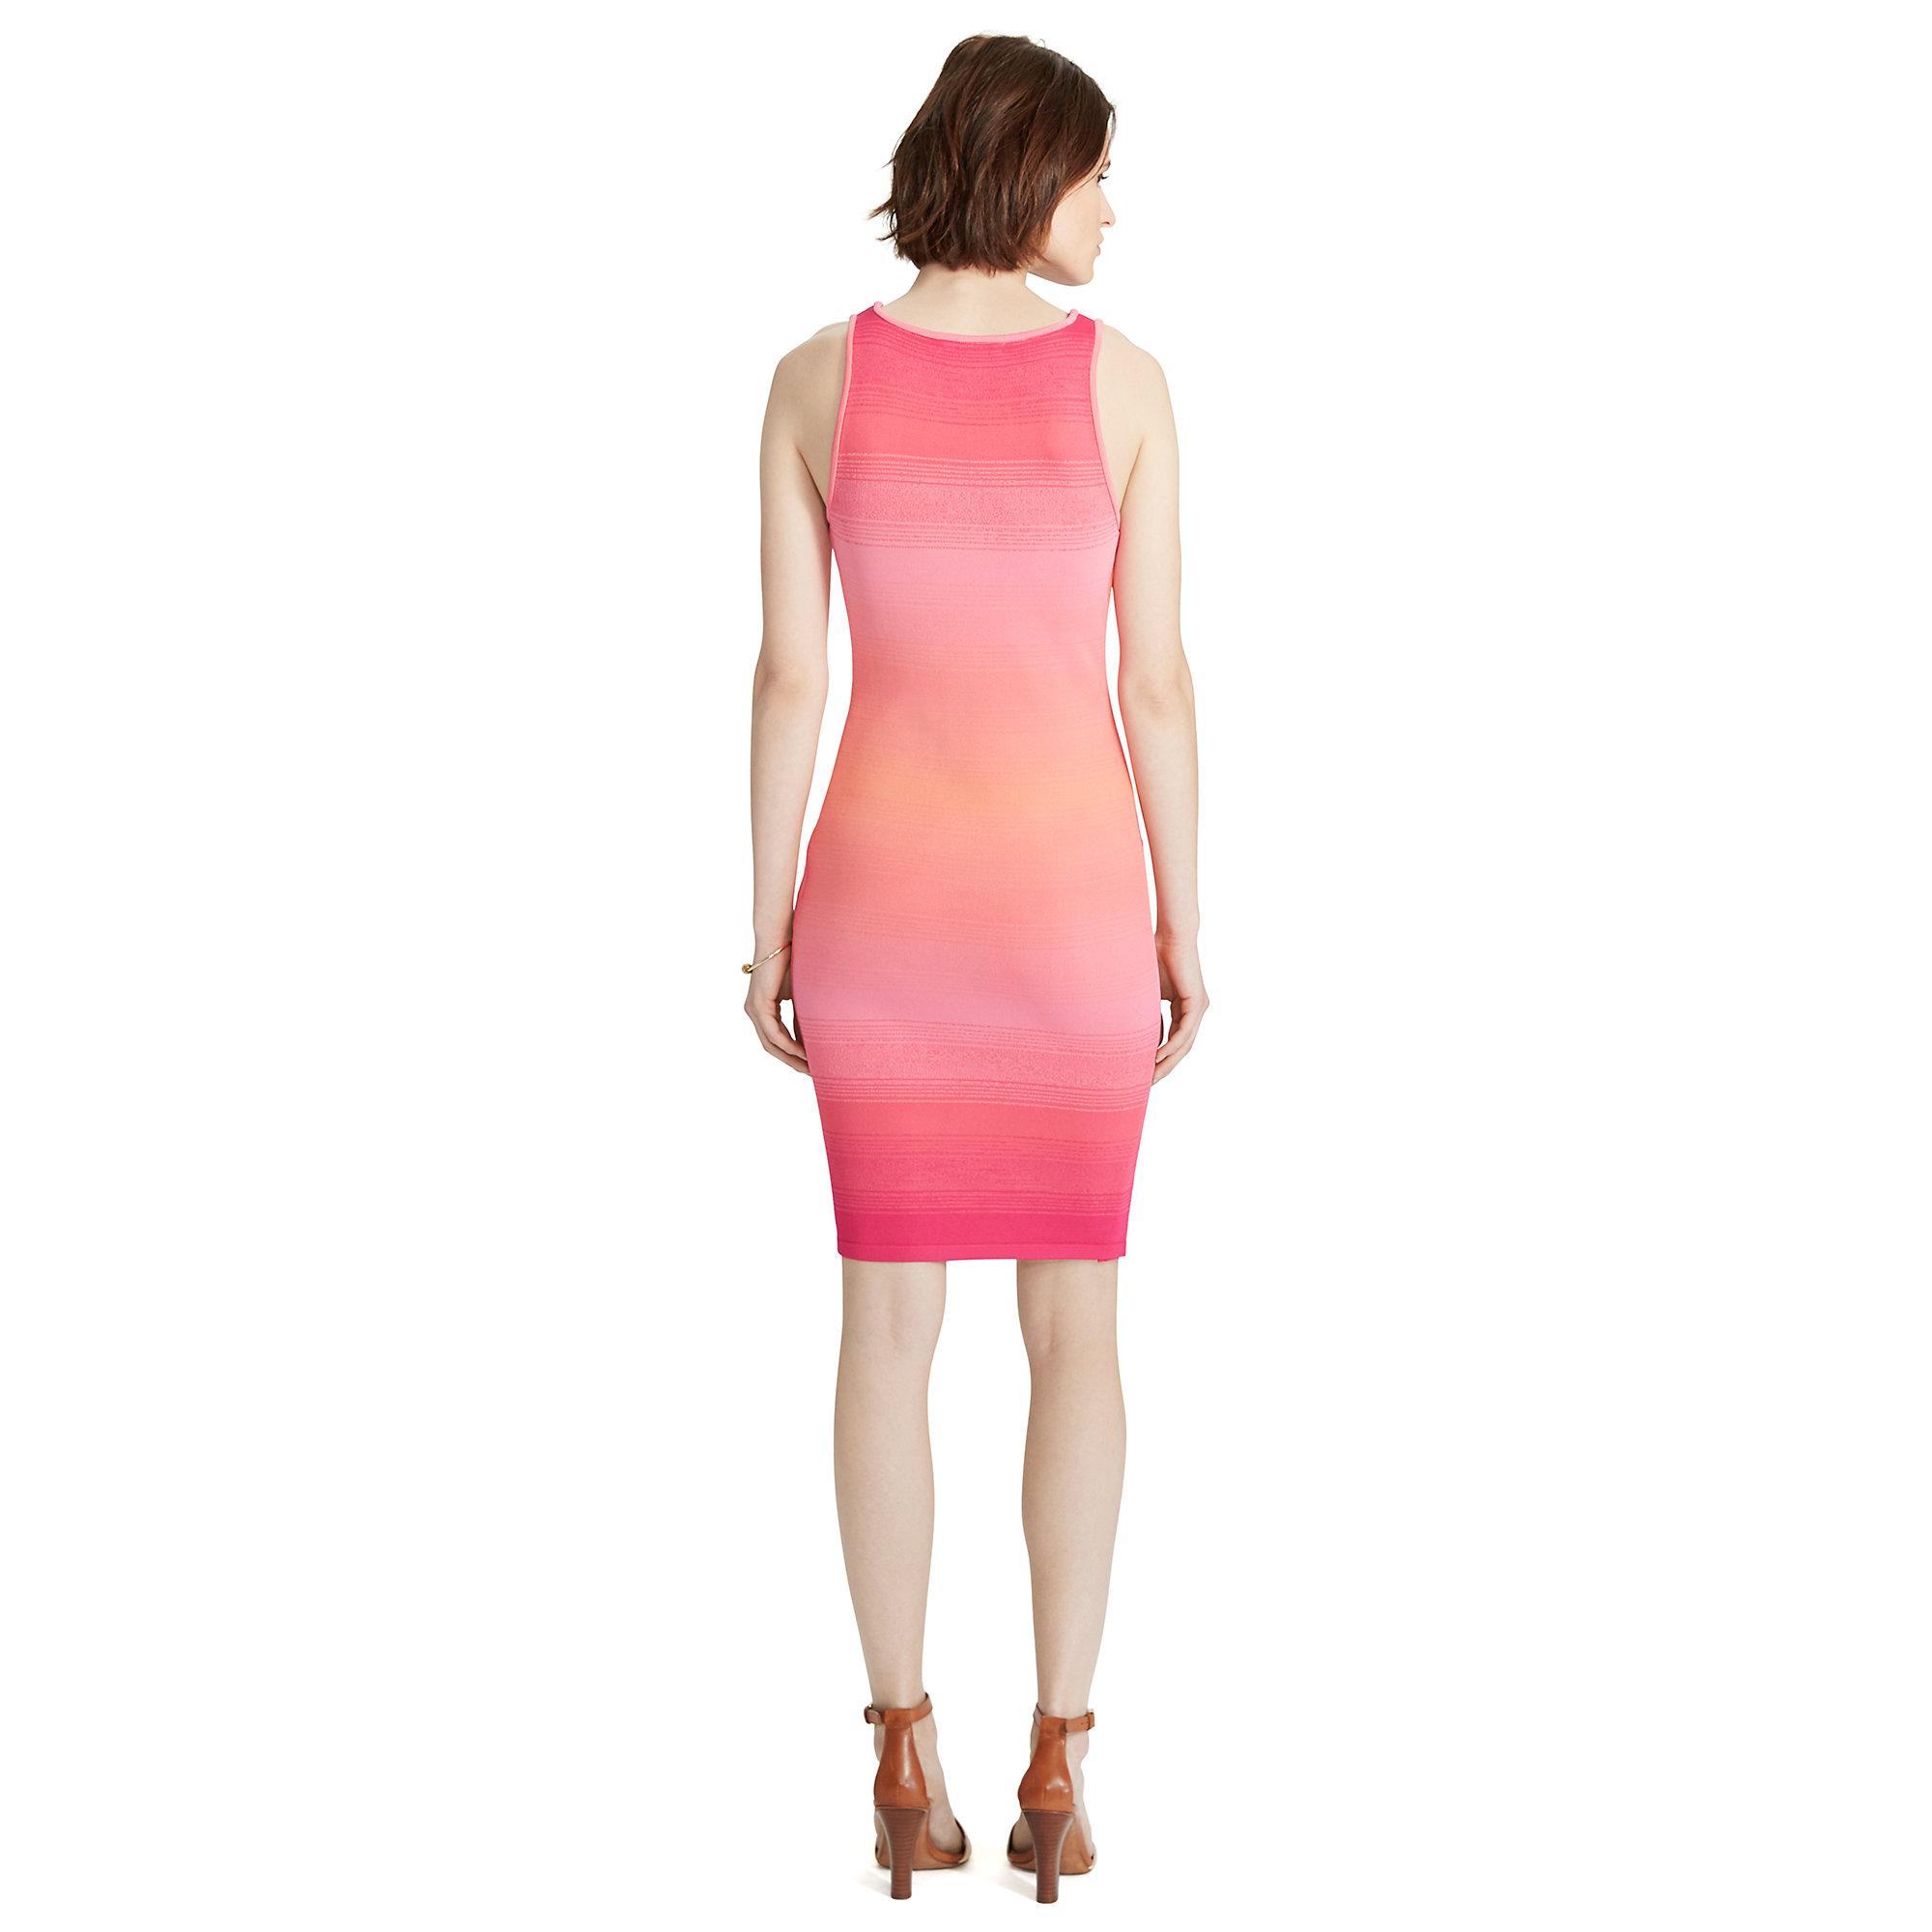 afe2149b5750e Lyst - Ralph Lauren Ombré Knit Dress in Pink